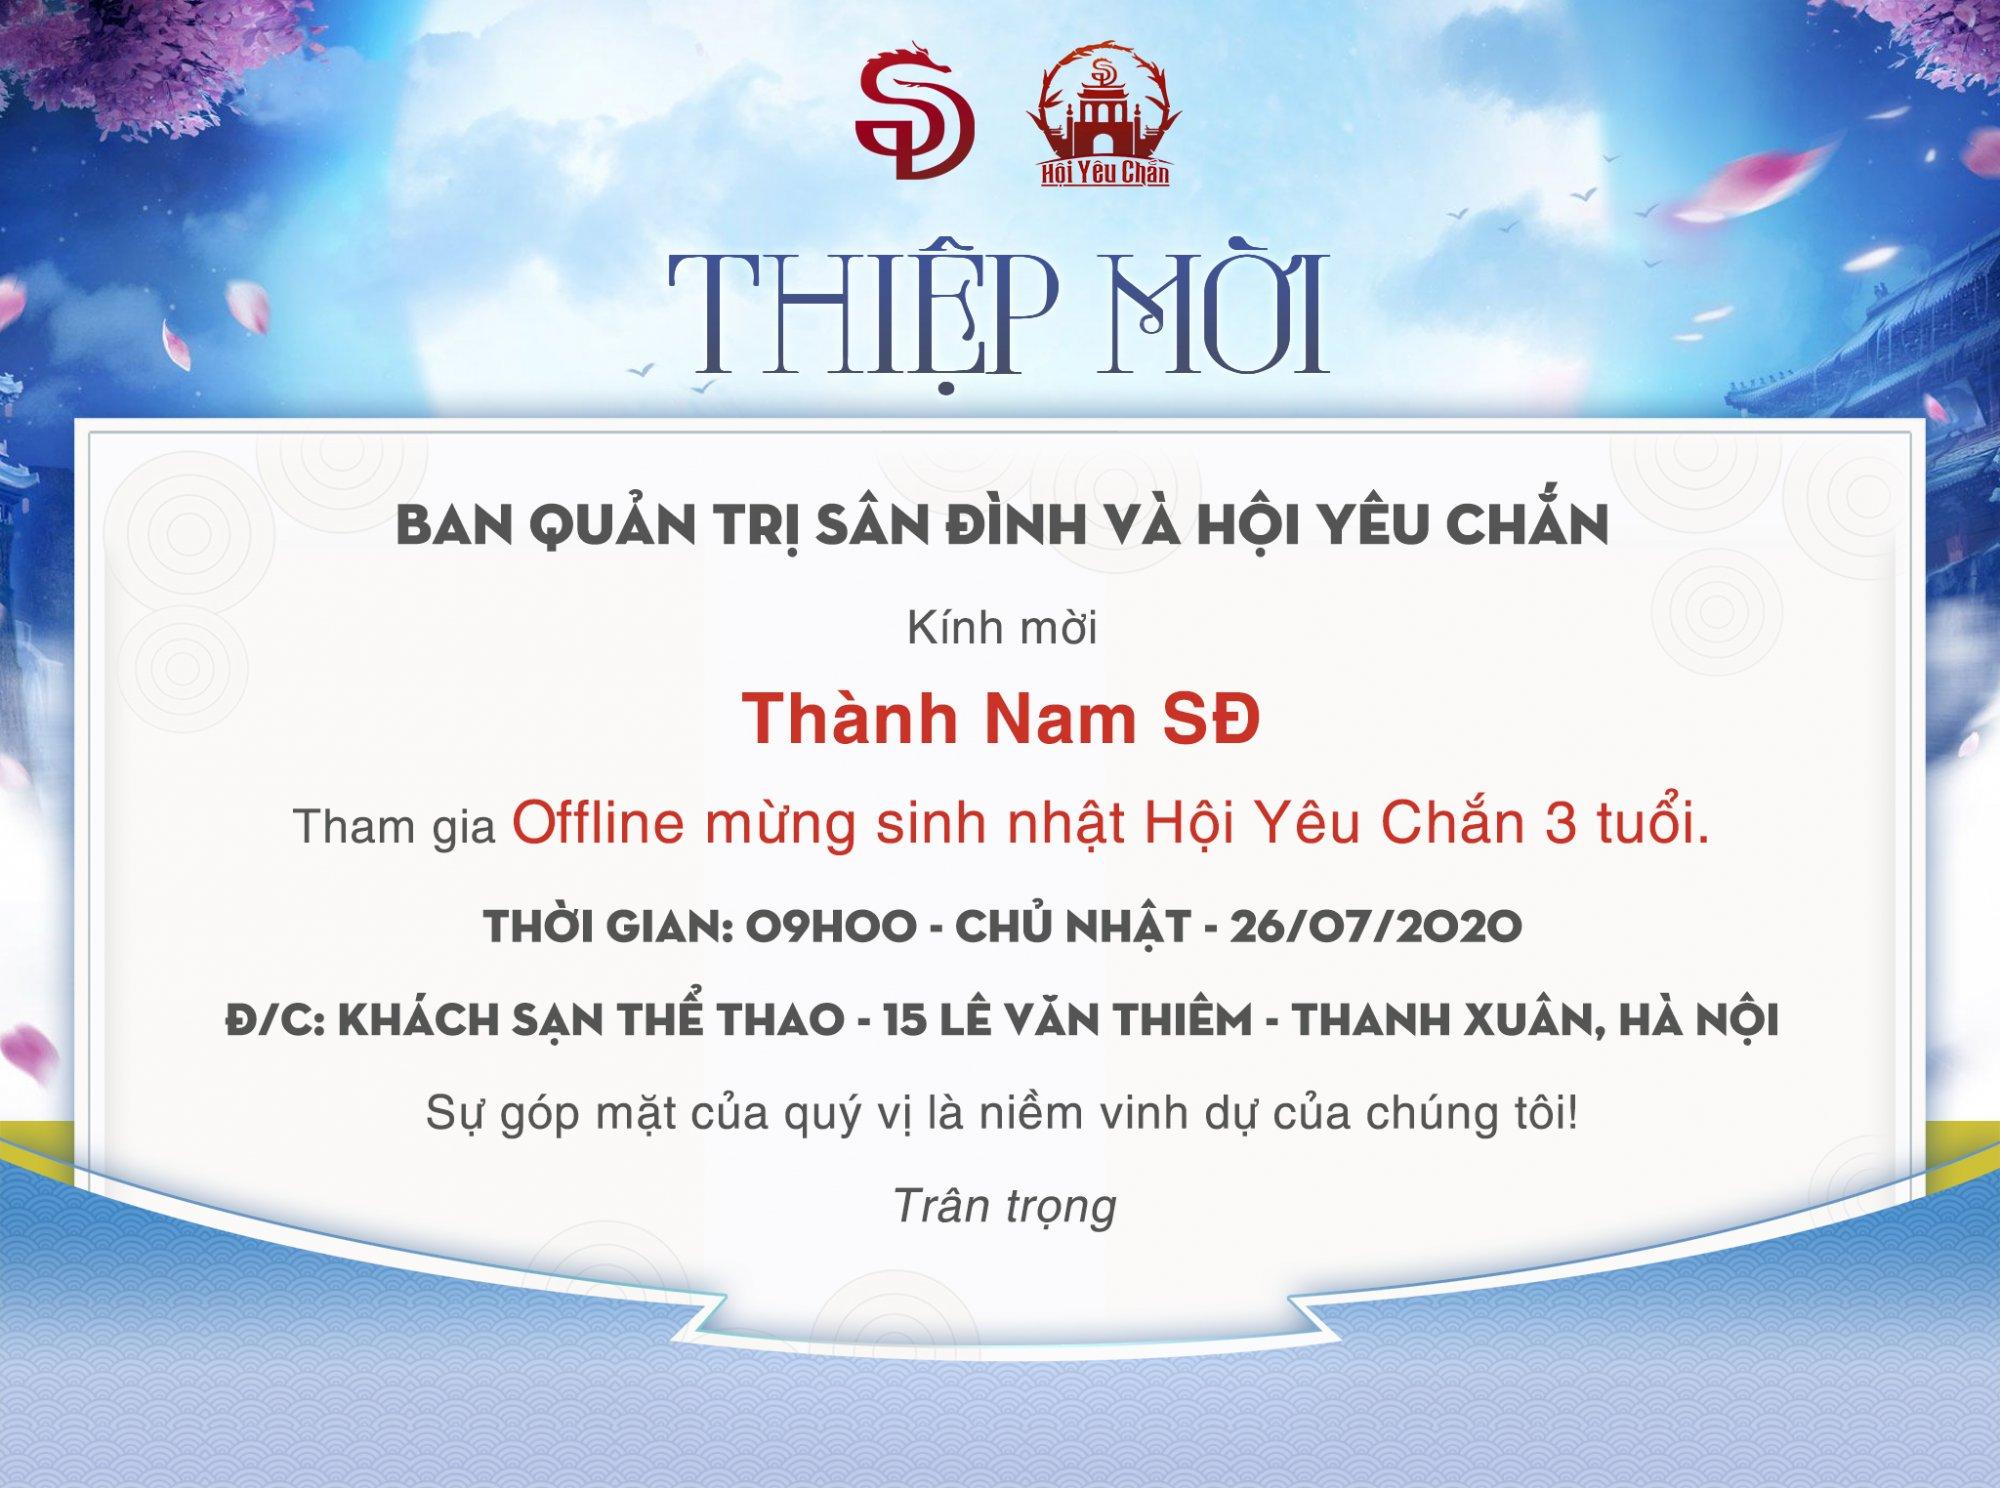 TNSD.